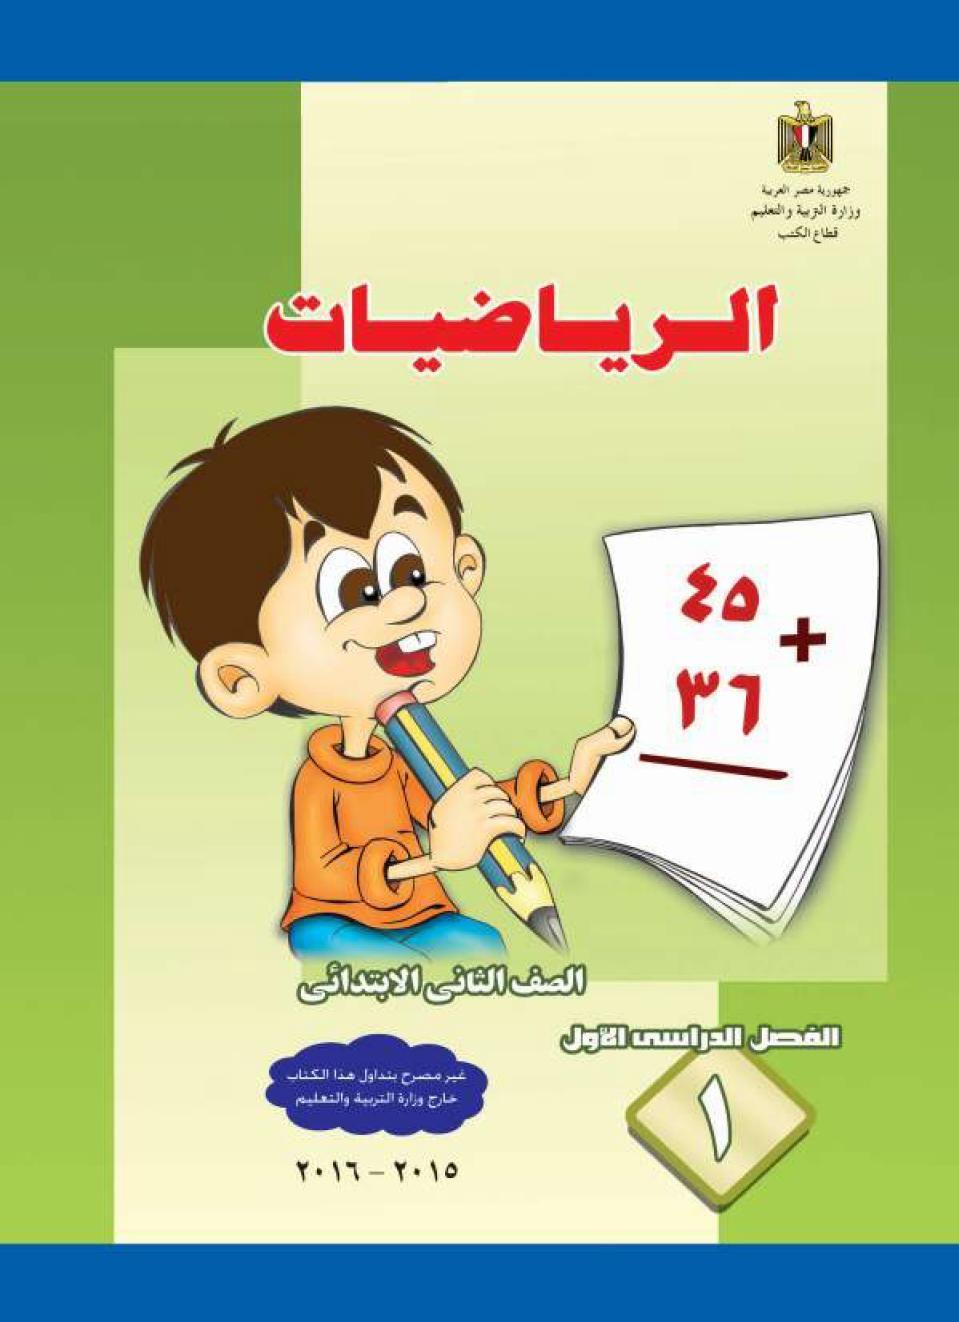 تحميل كتاب الرياضيات صف اول ابتدائي